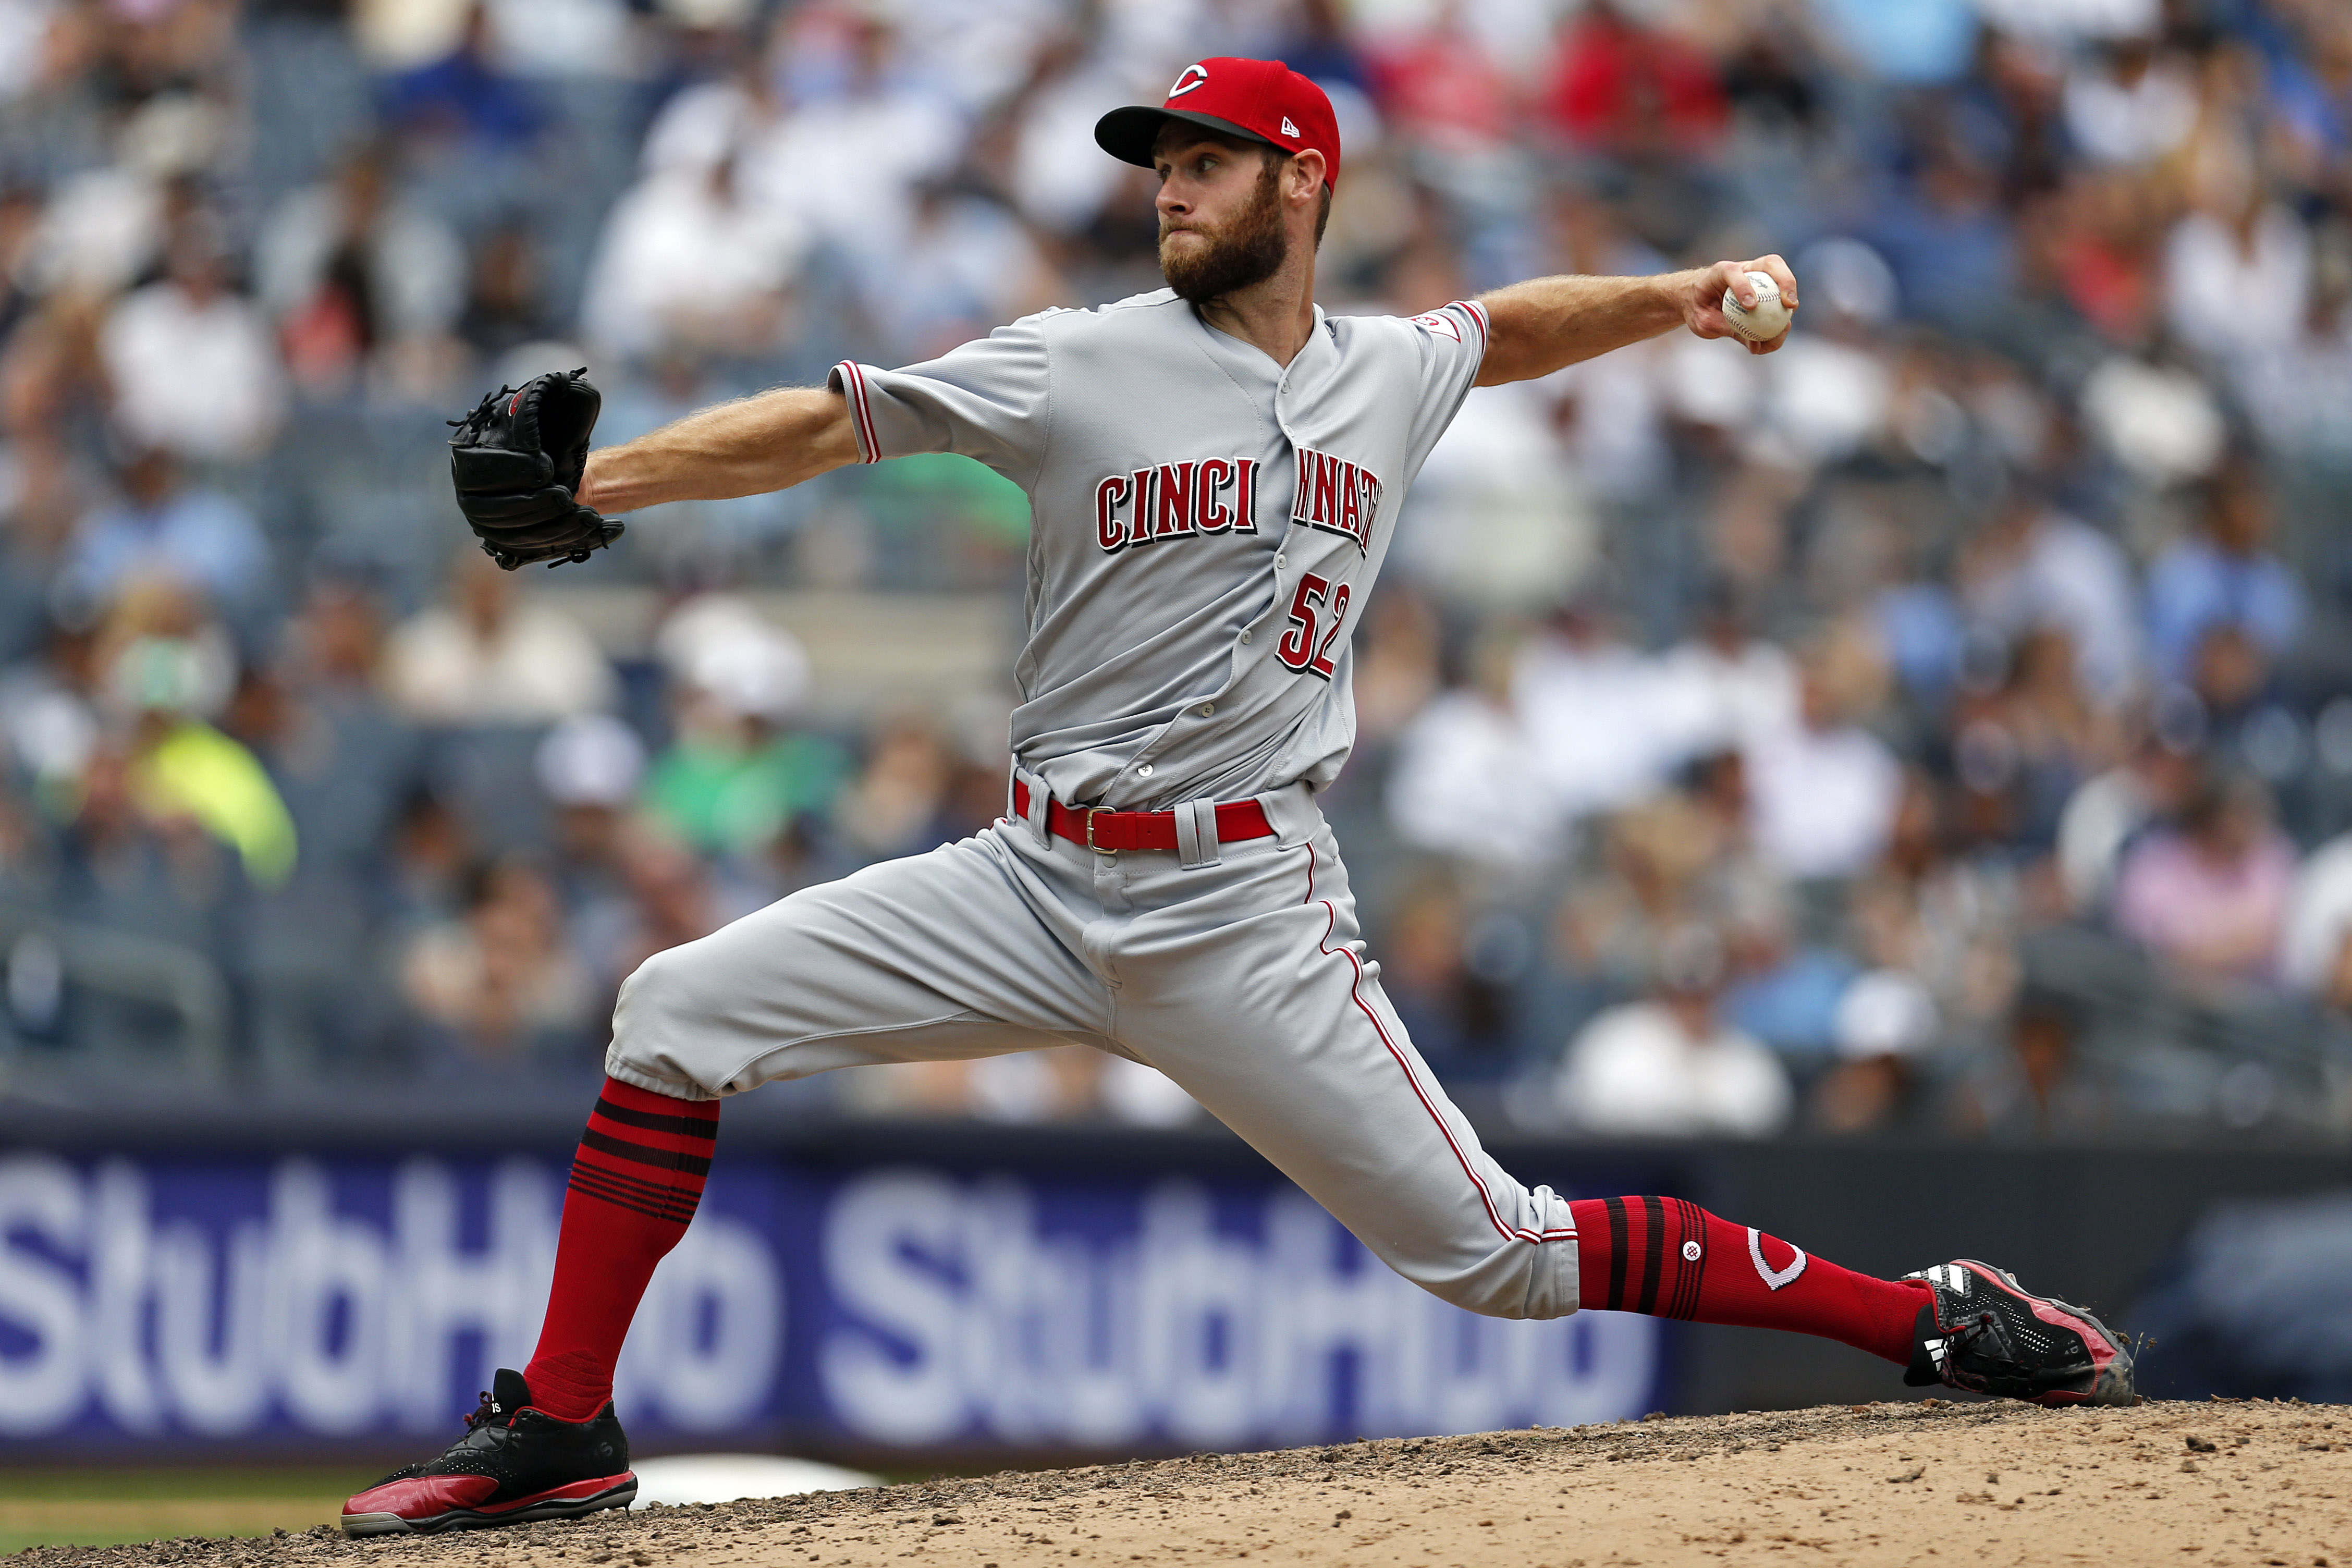 MLB: Cincinnati Reds at New York Yankees